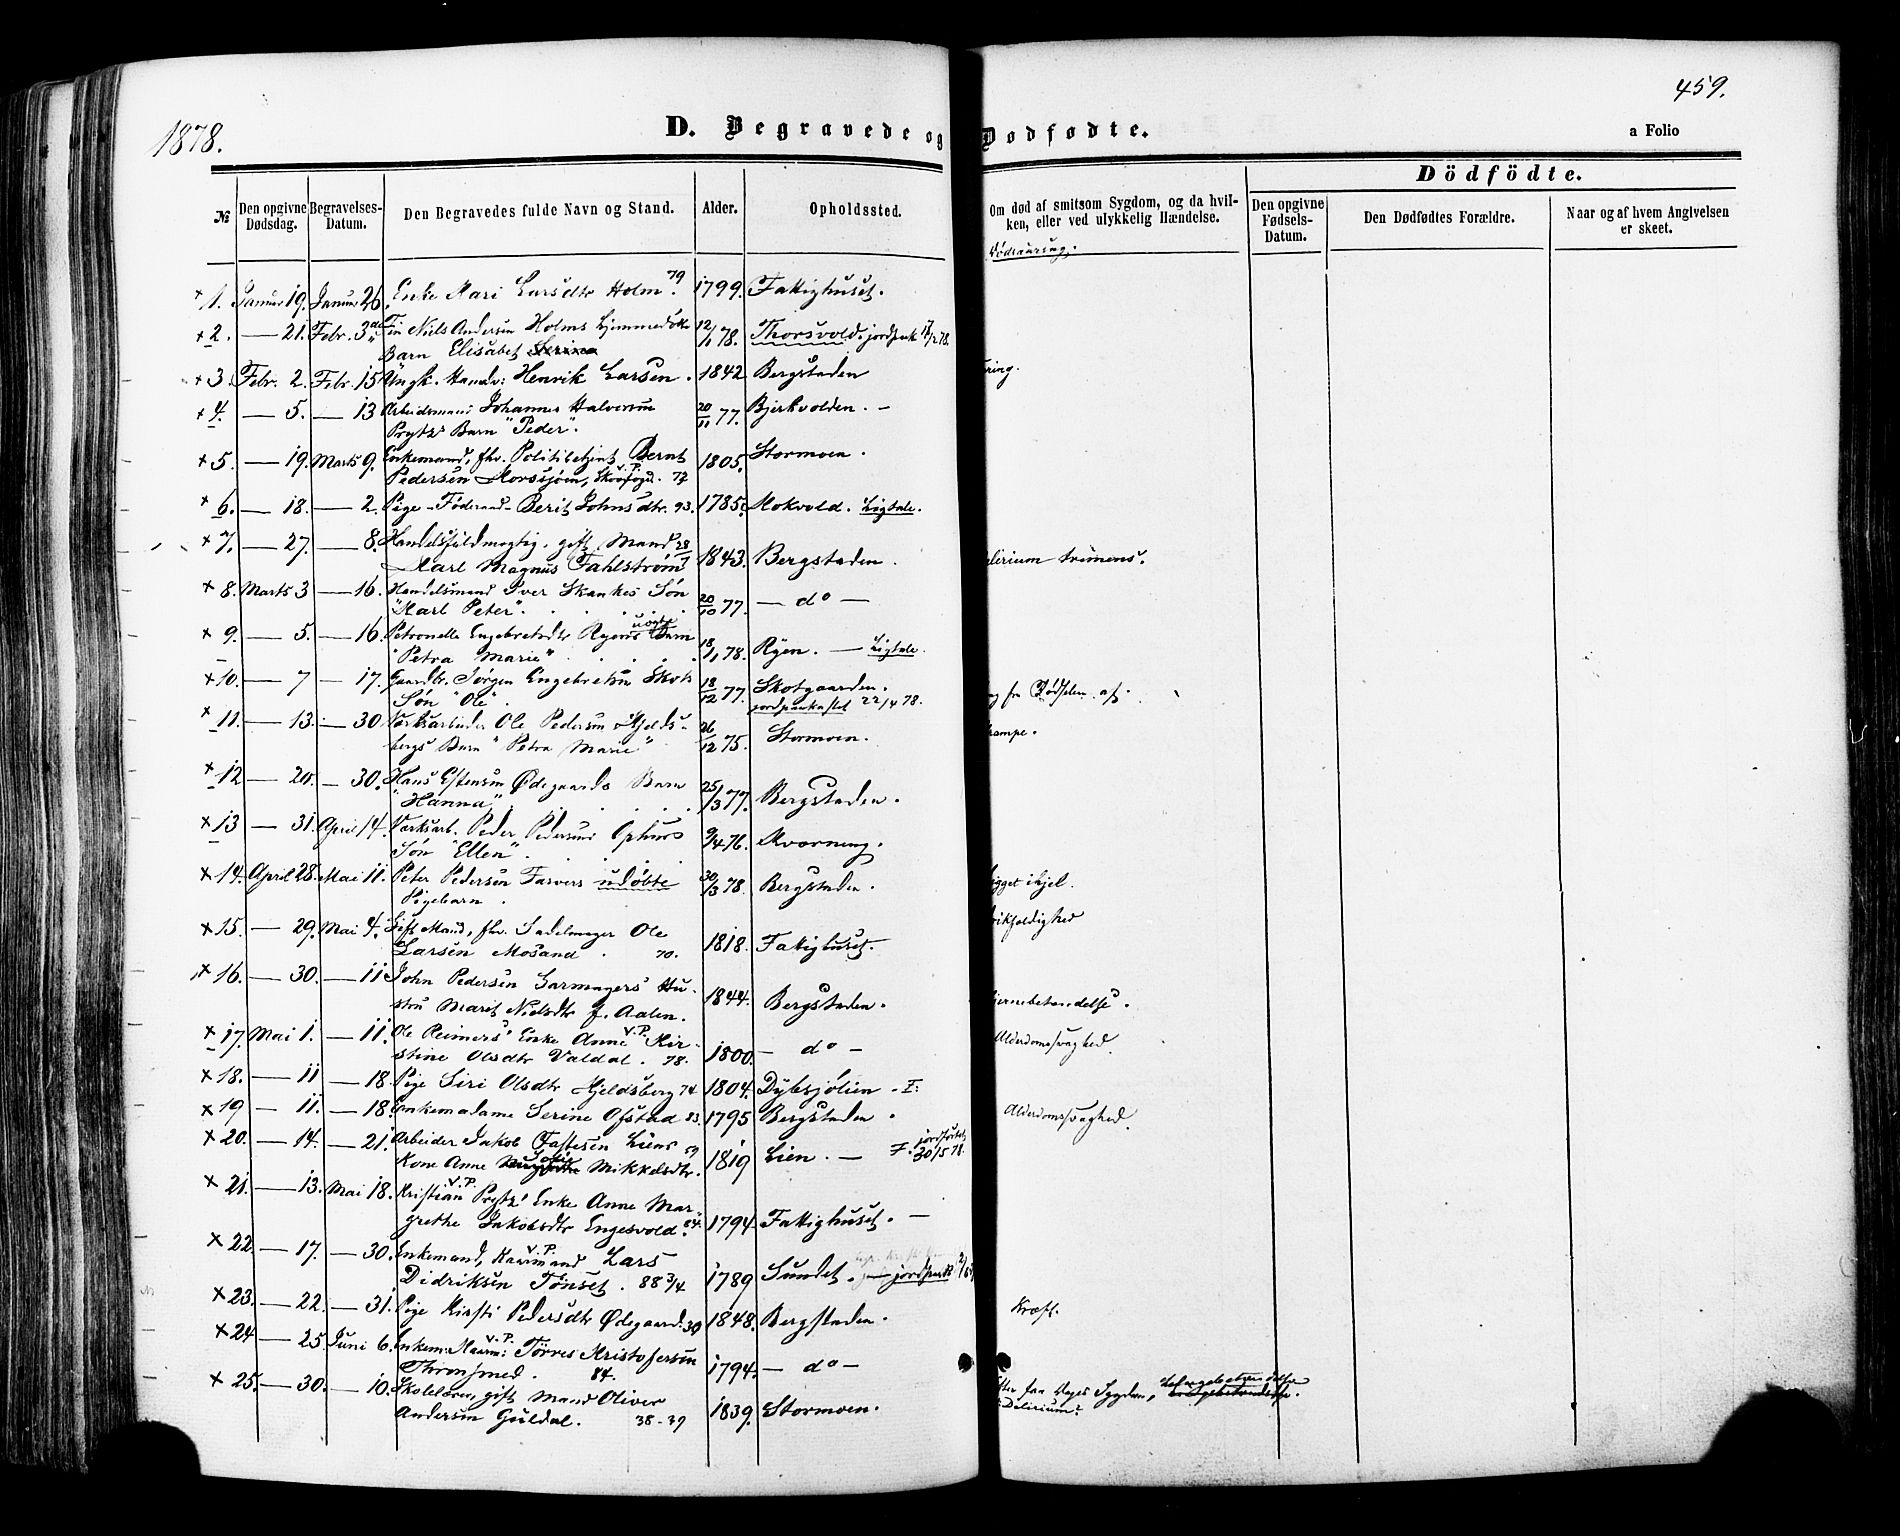 SAT, Ministerialprotokoller, klokkerbøker og fødselsregistre - Sør-Trøndelag, 681/L0932: Ministerialbok nr. 681A10, 1860-1878, s. 459